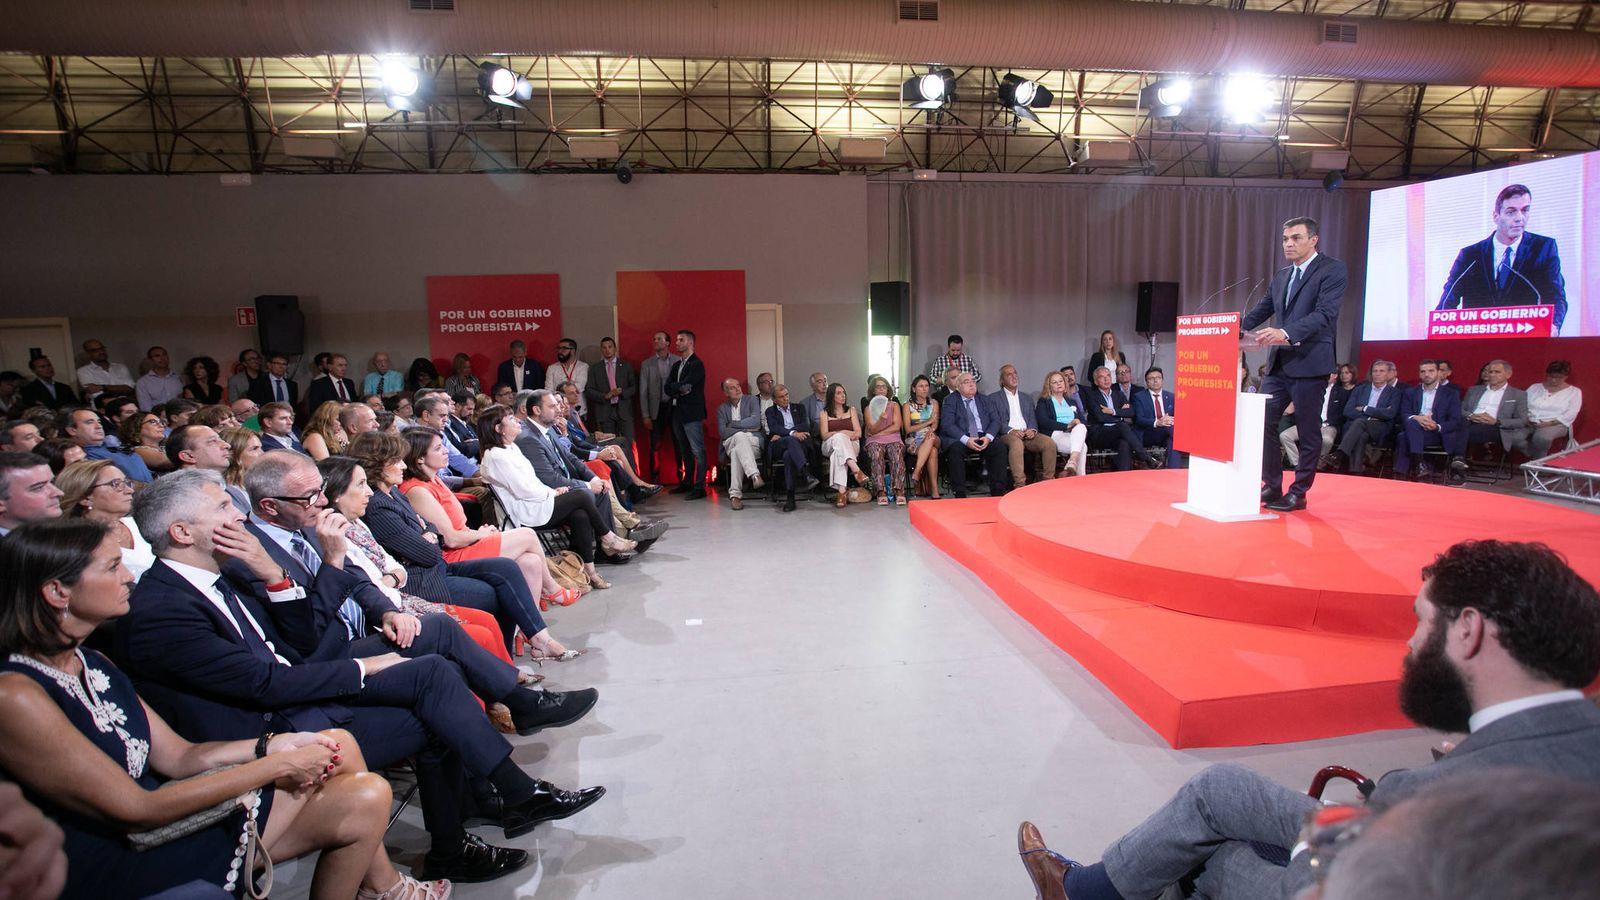 Foto: Pedro Sánchez, durante la presentación del 'Programa común progresista', este 3 de septiembre en el espacio MEEU de la estación de Chamartín, en Madrid. (Eva Ercolanese   PSOE)